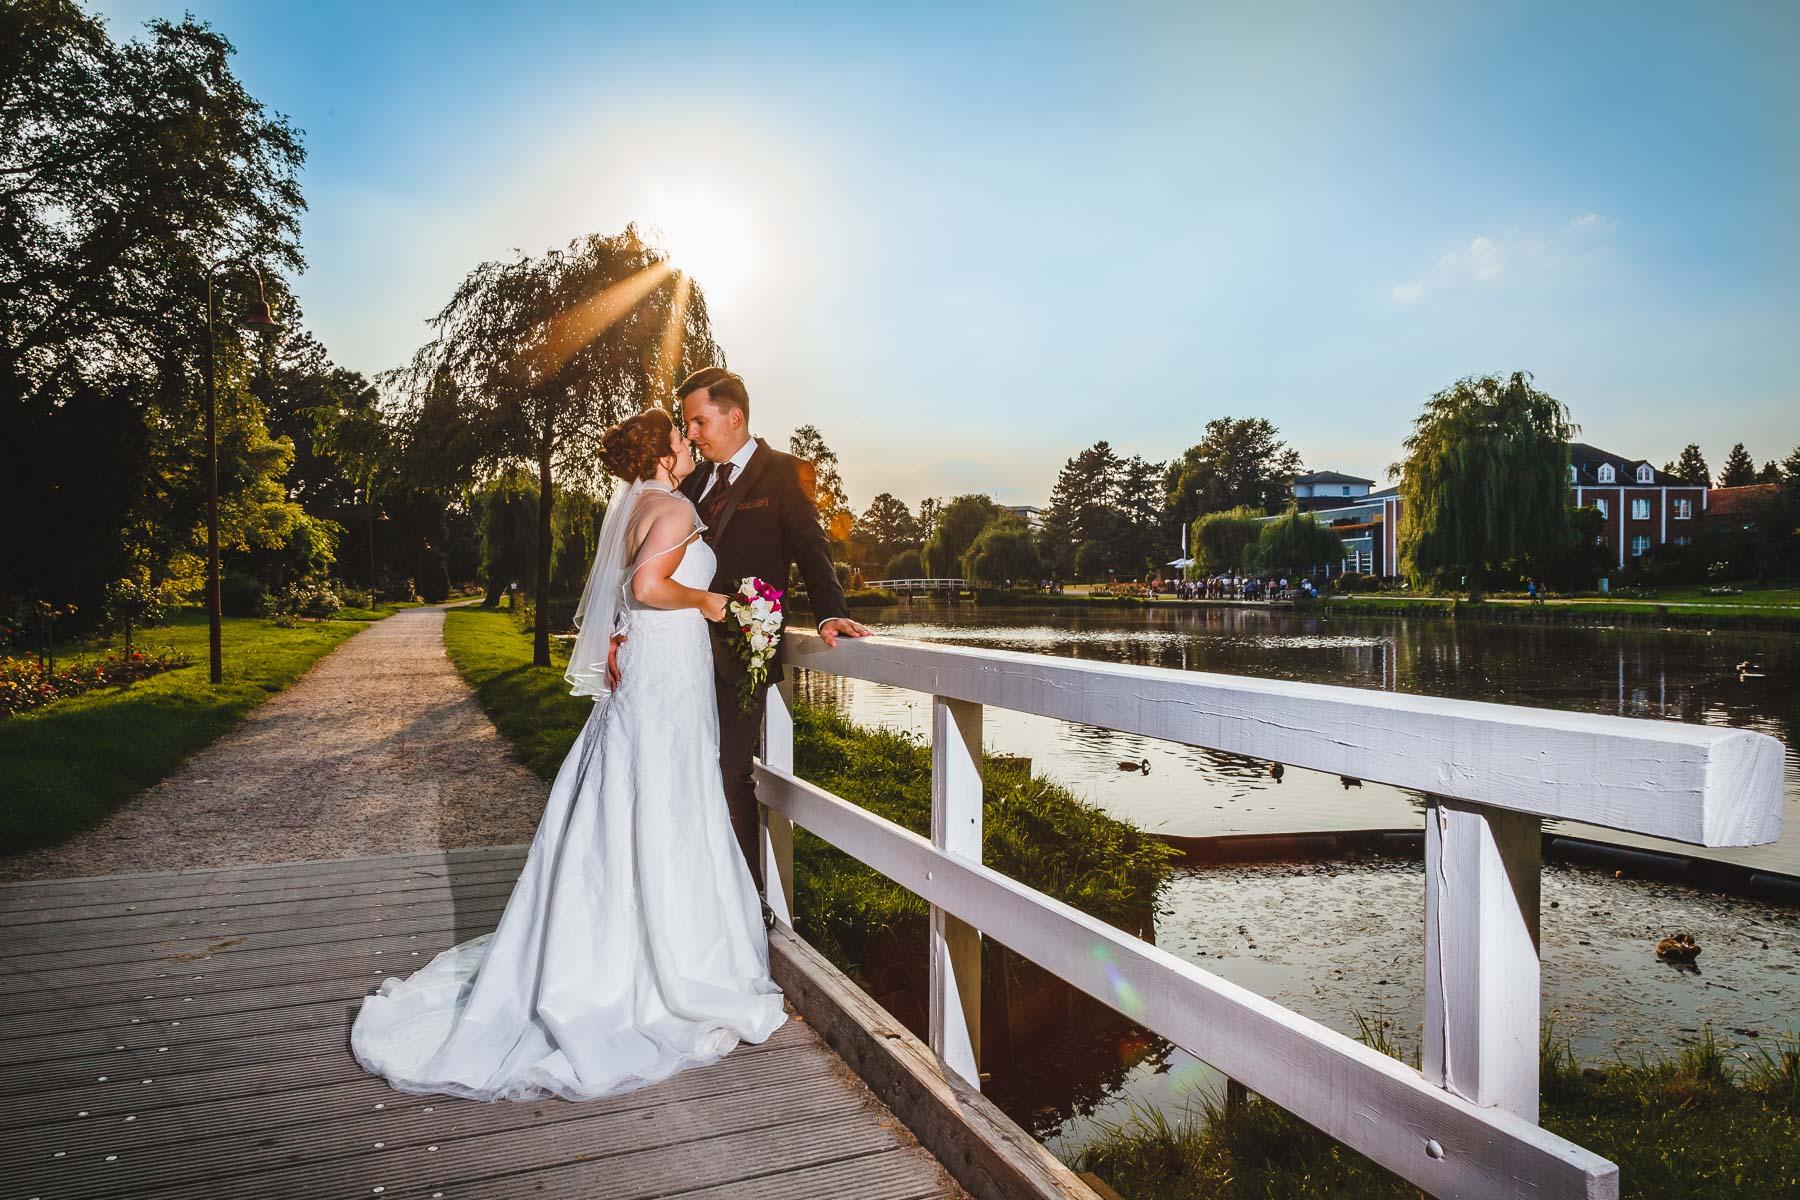 Hochzeitsfotografen Hamburg